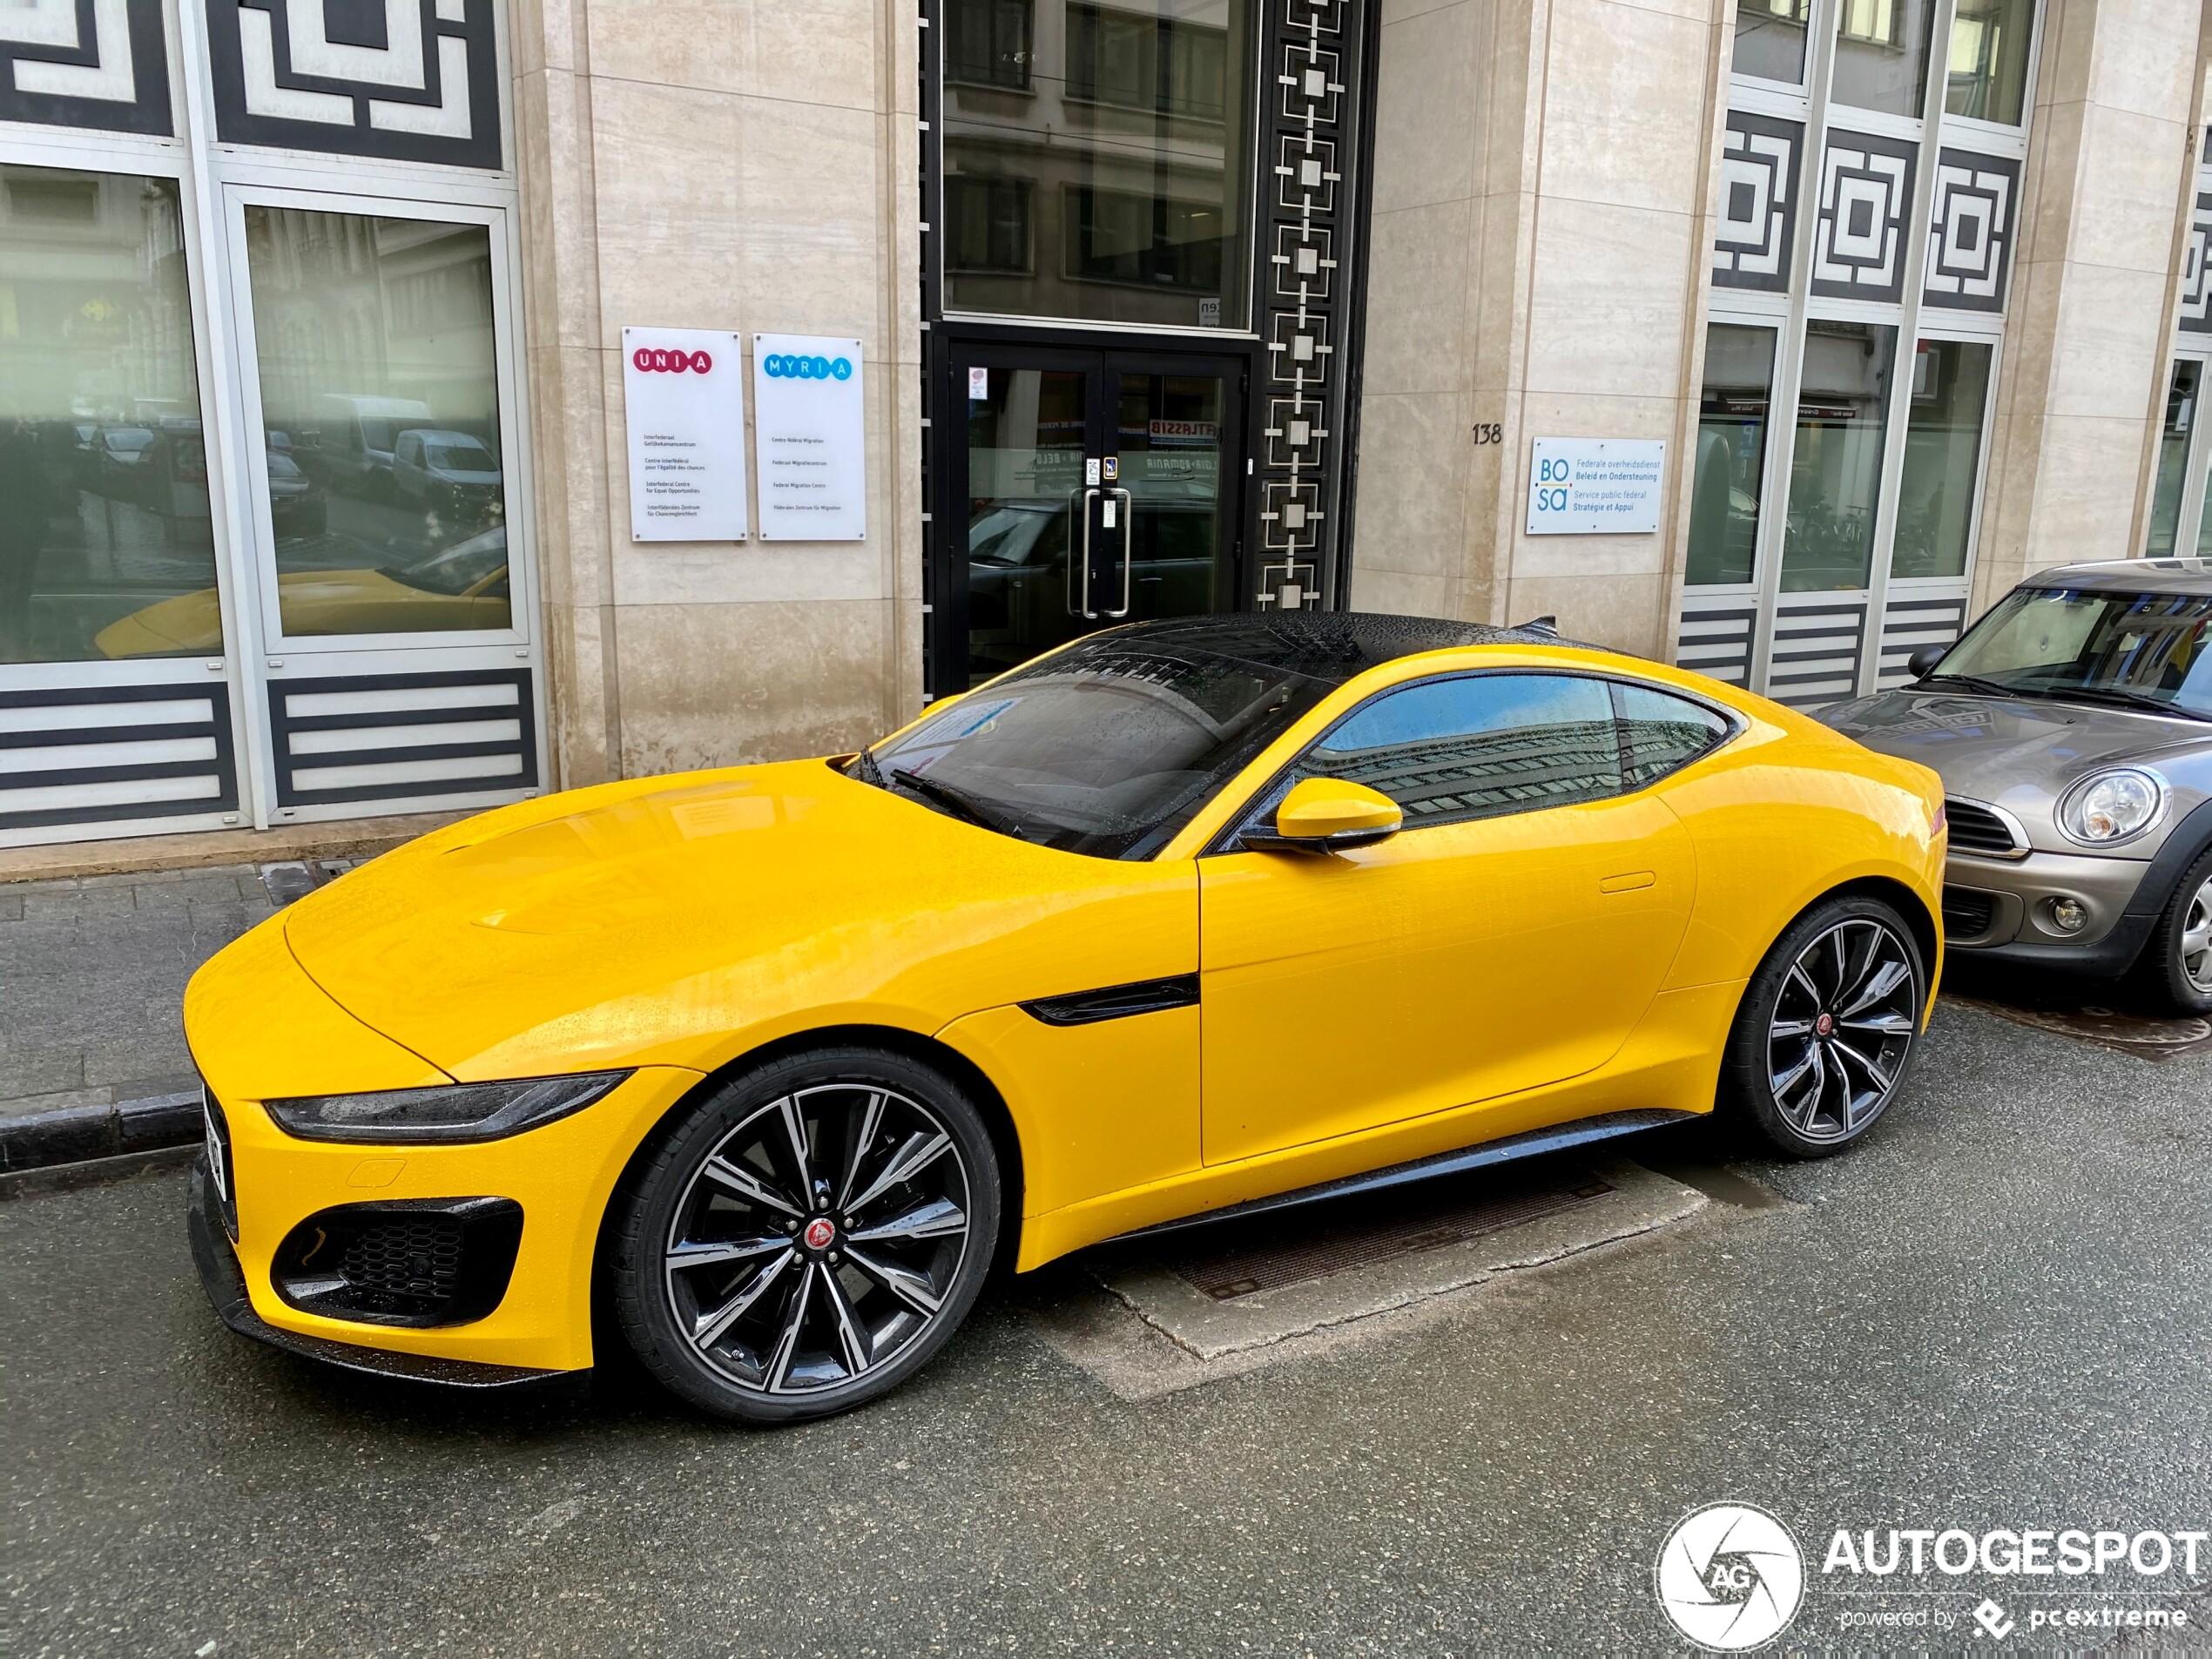 Jaguar F-TYPE R Coupé 2020 - 11 March 2020 - Autogespot